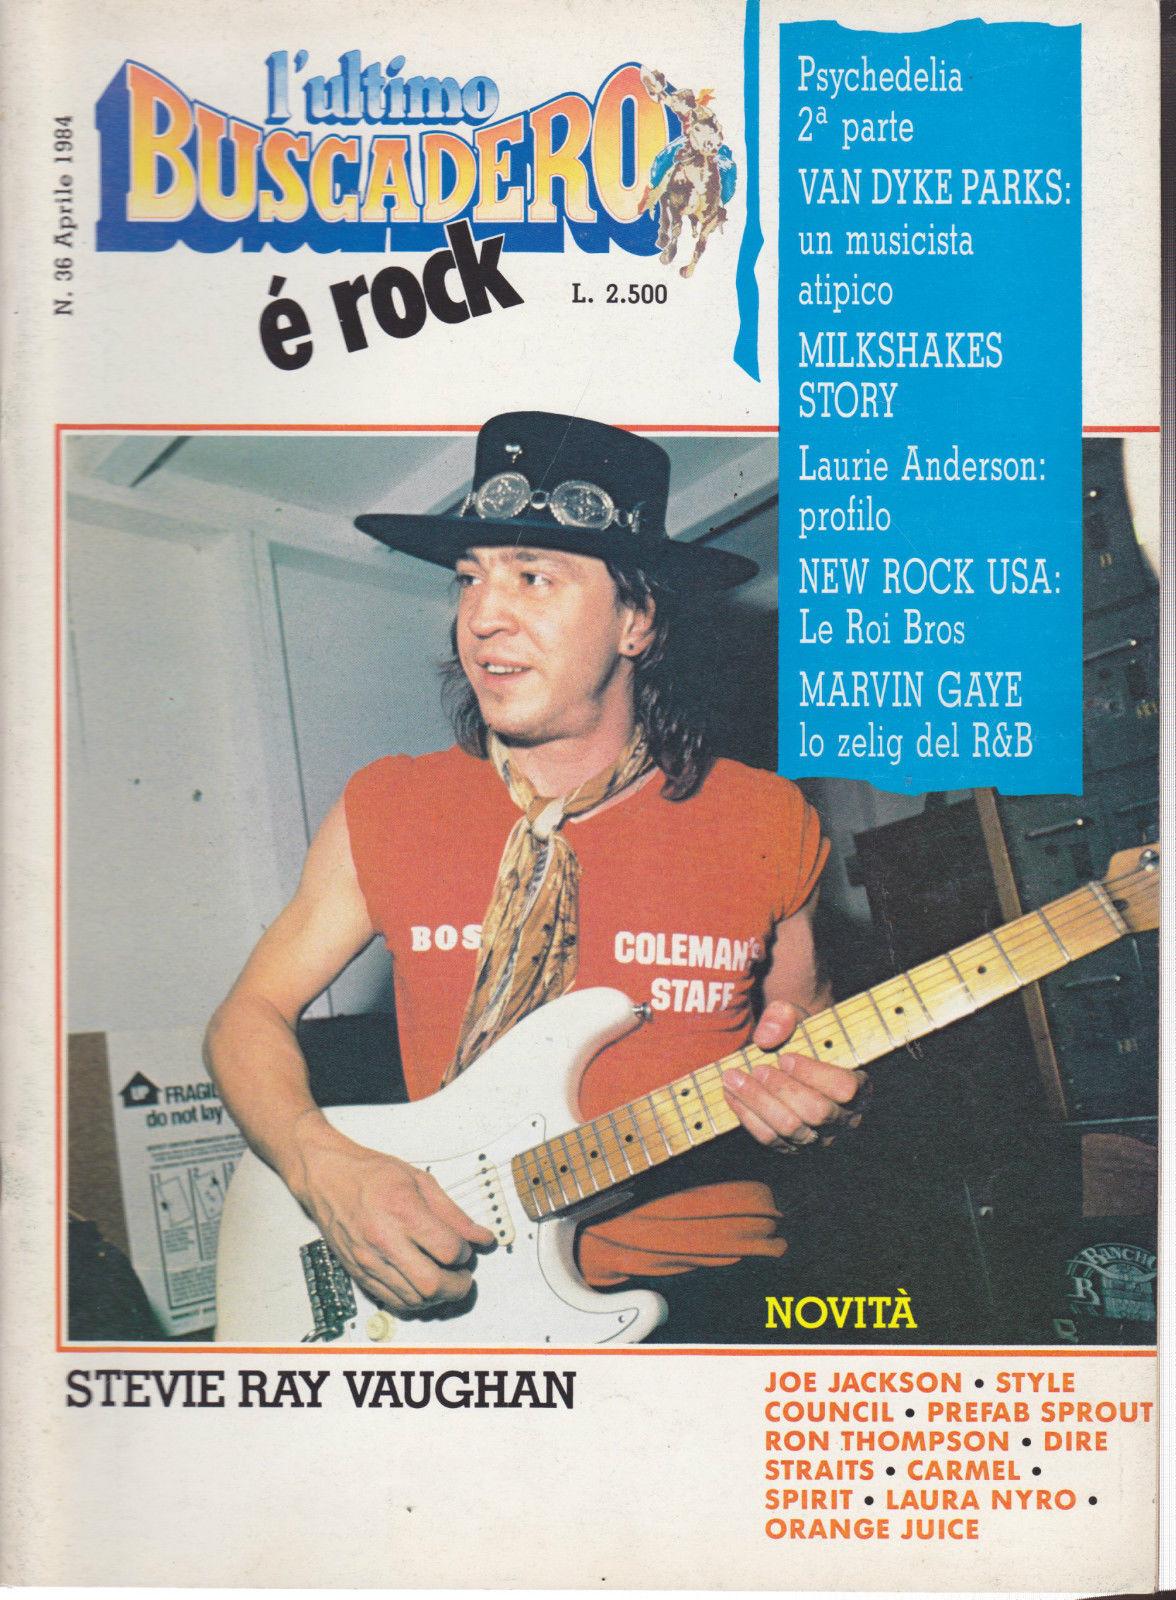 L'ultimo buscadero n.36 (aprile 1984)